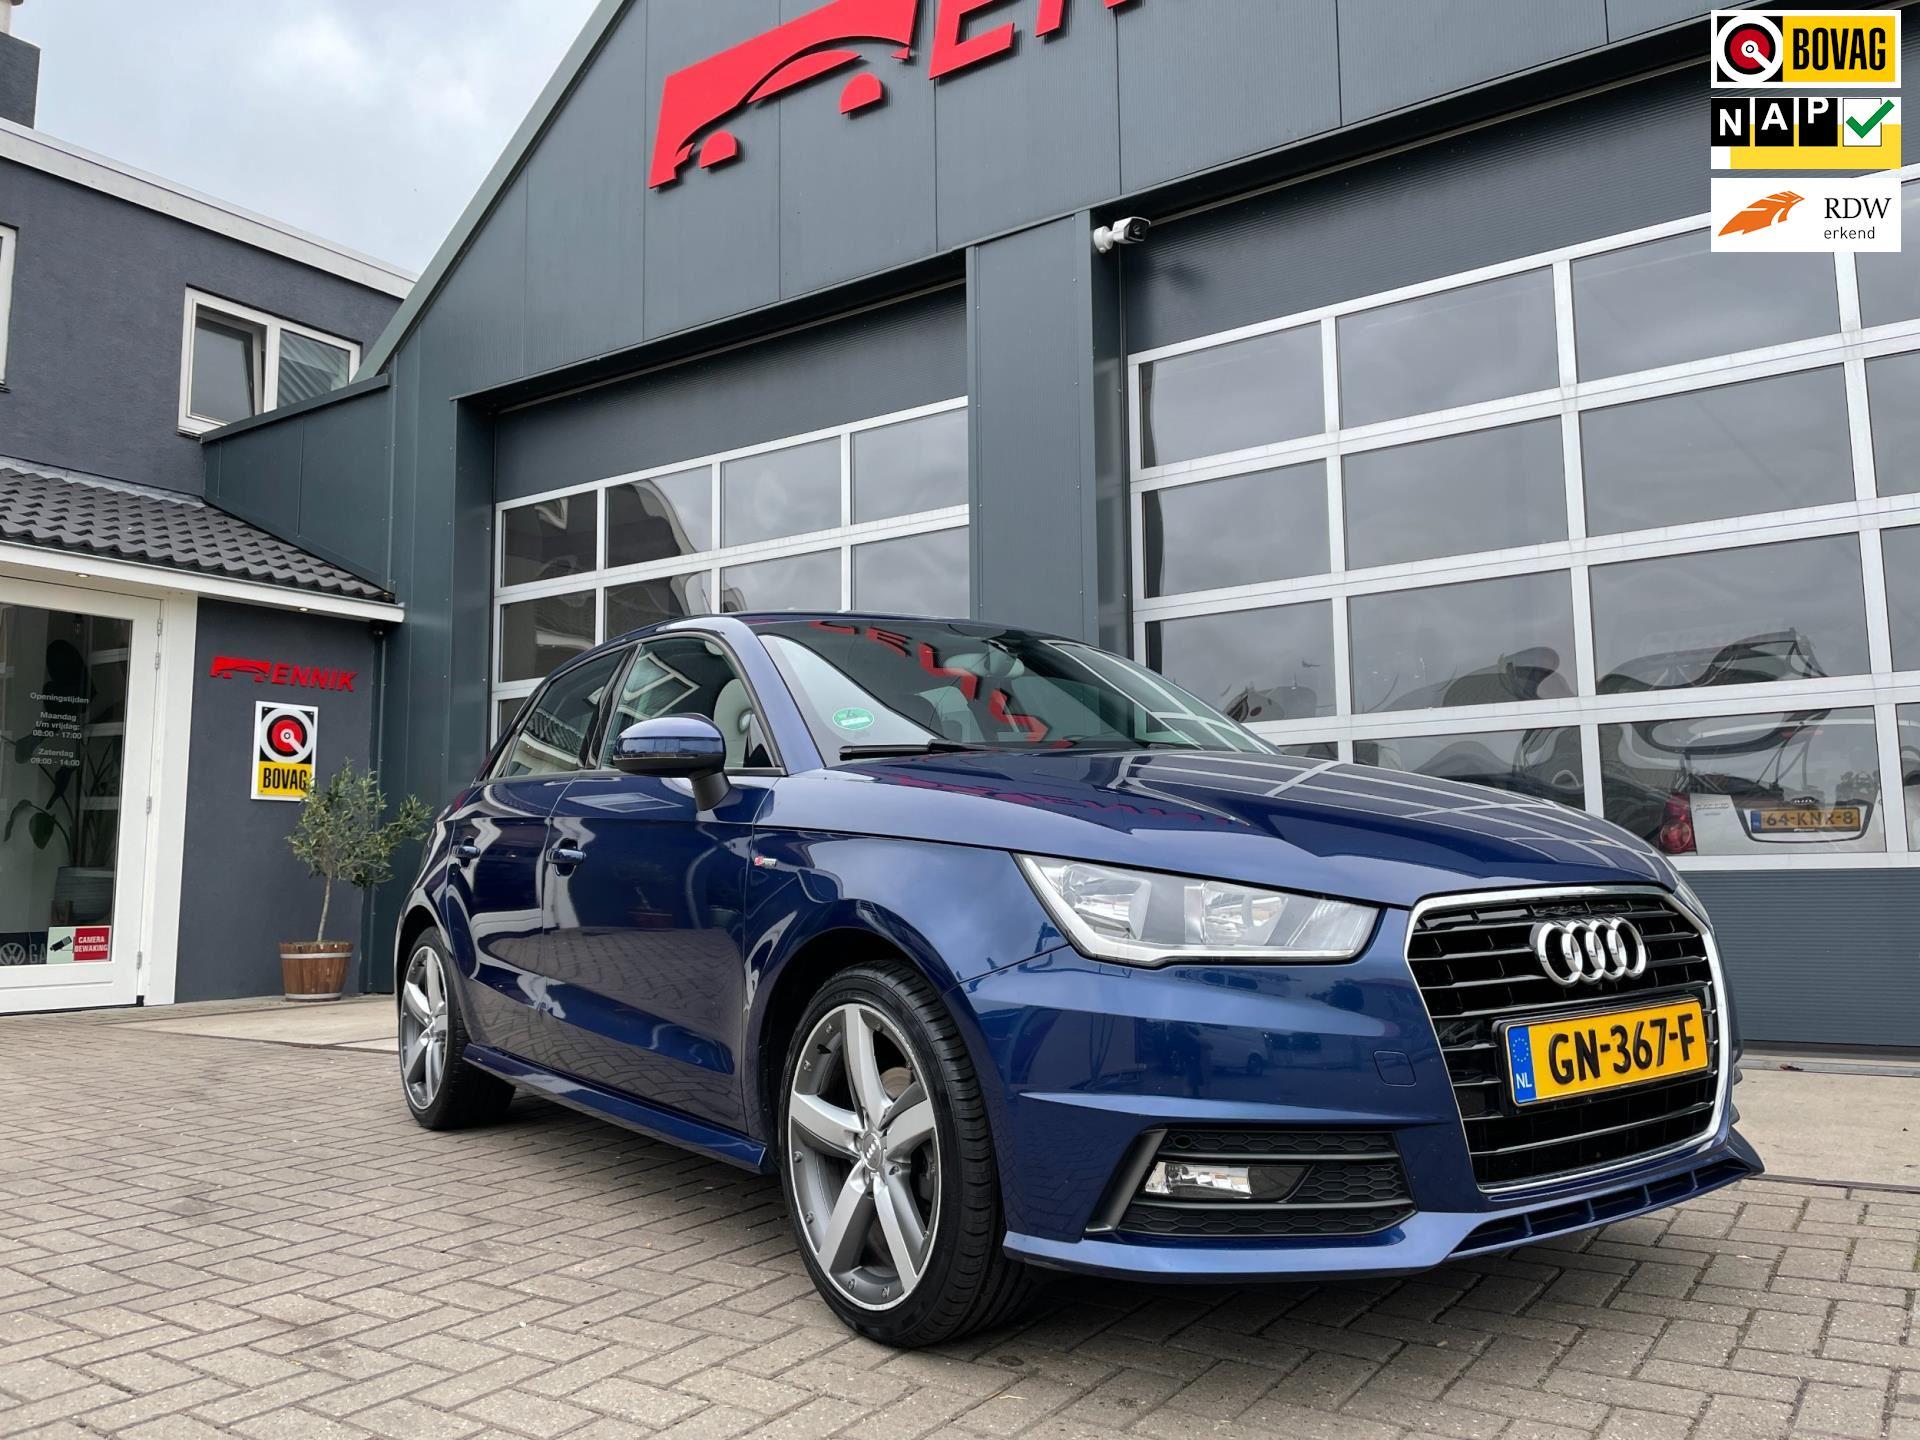 Audi A1 Sportback occasion - Ennik Autobedrijf